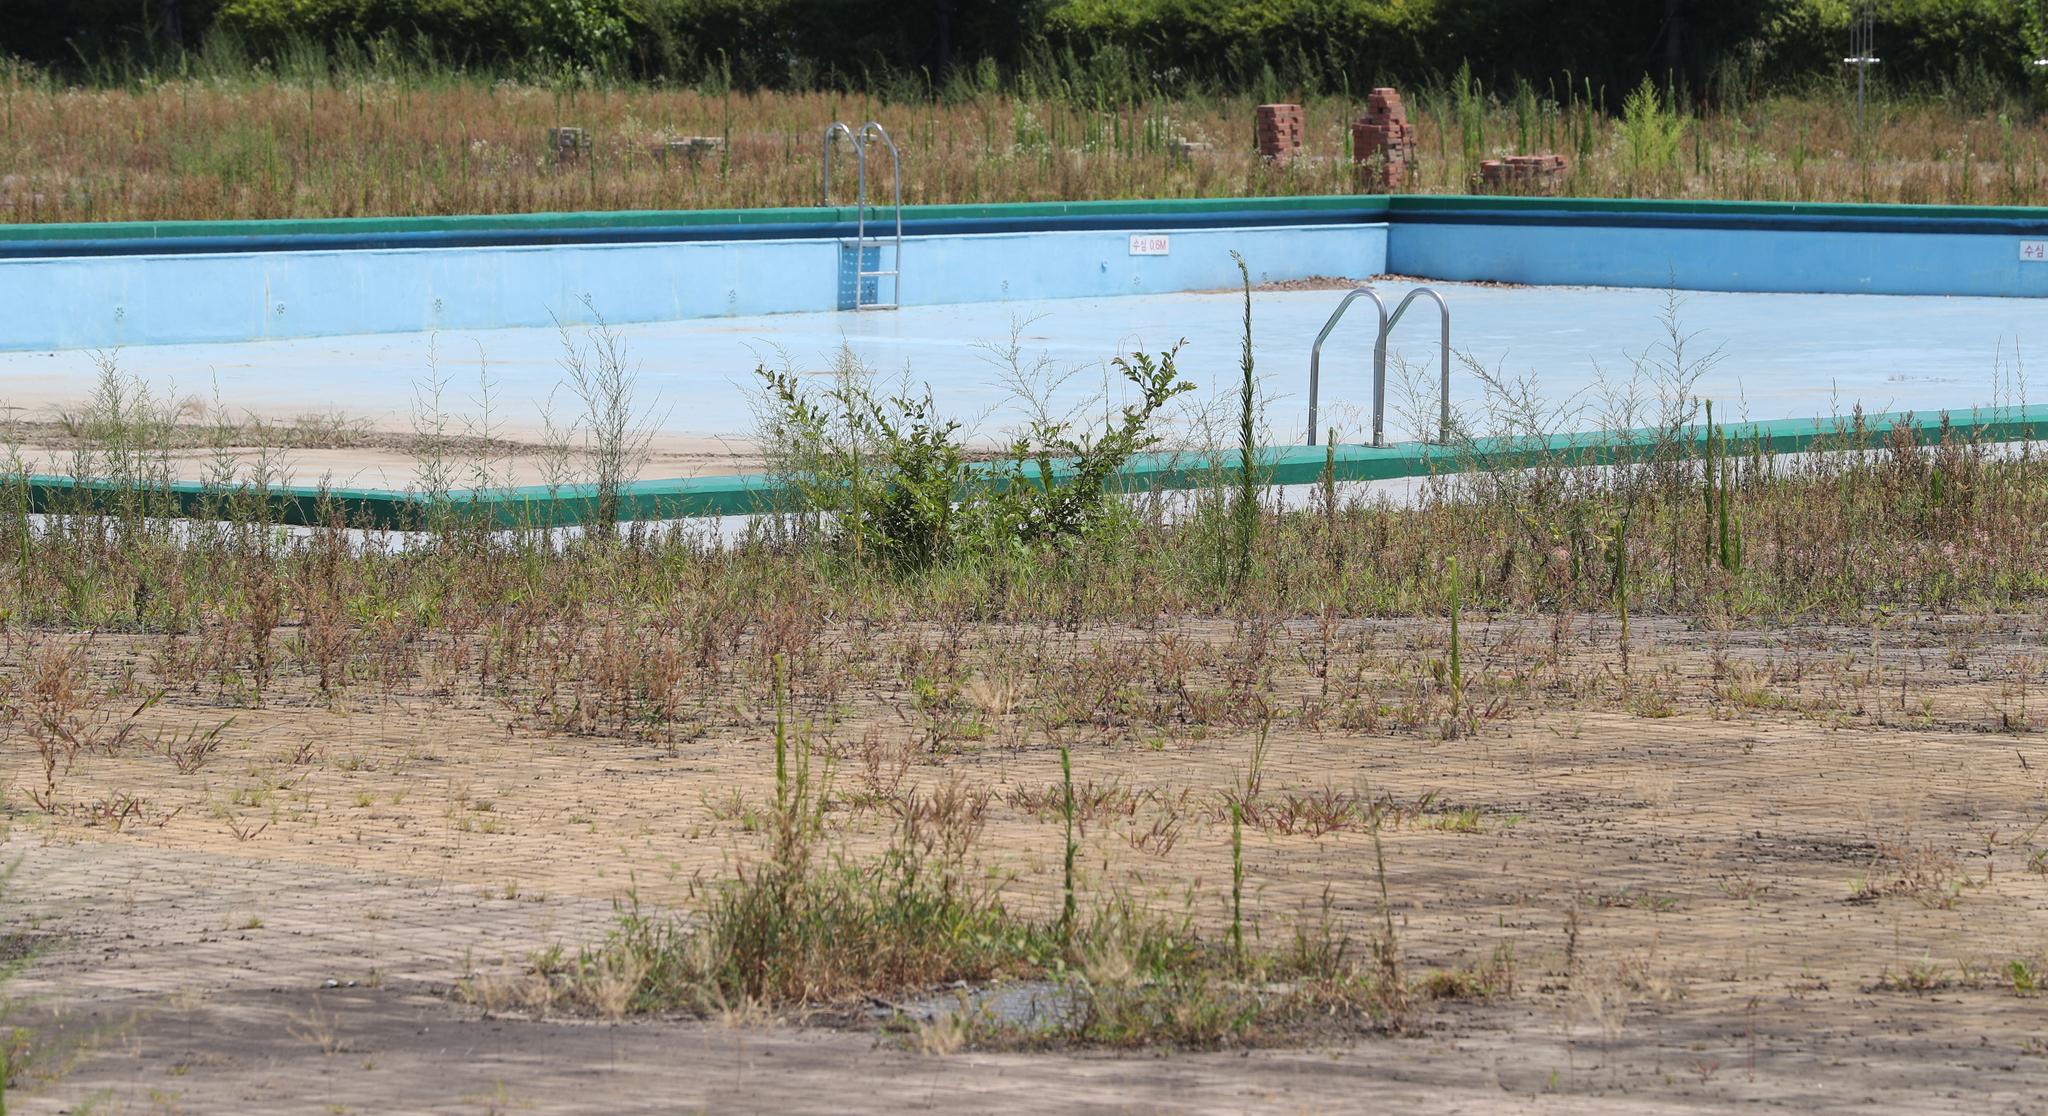 [이 시각]무더위에도 잡초만 무성한 한강 수영장, 아이들 웃음소린 어디에...